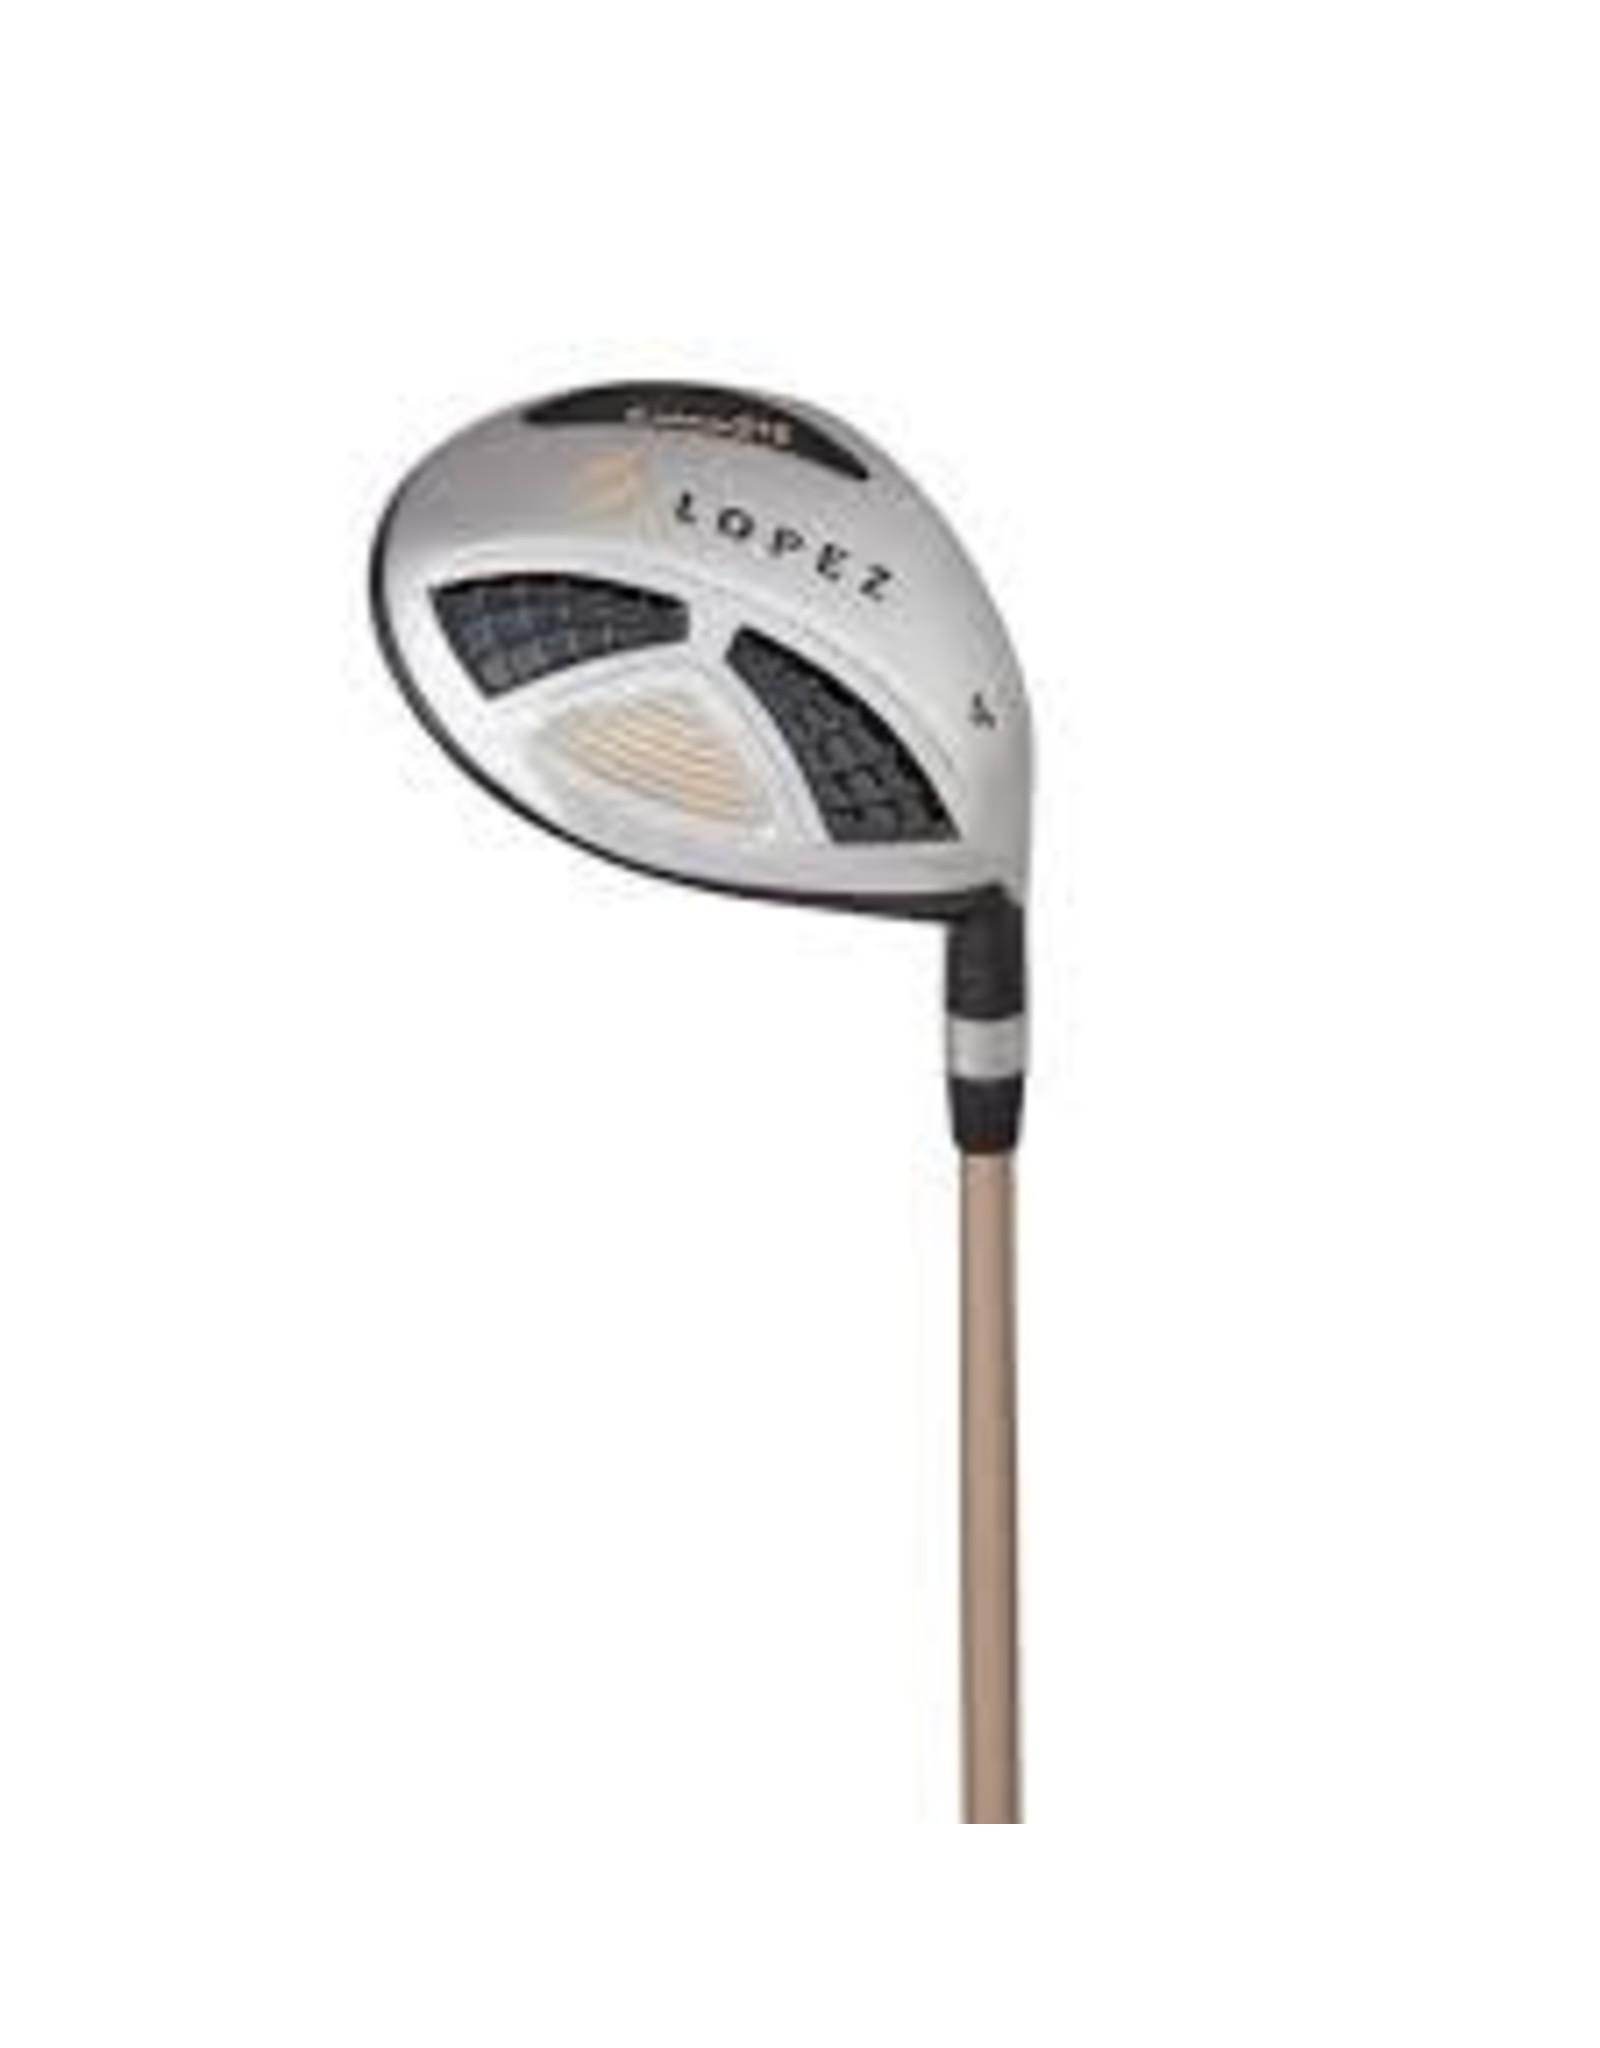 Lopez Golf Lopez Erinn 215 Fairway Wood